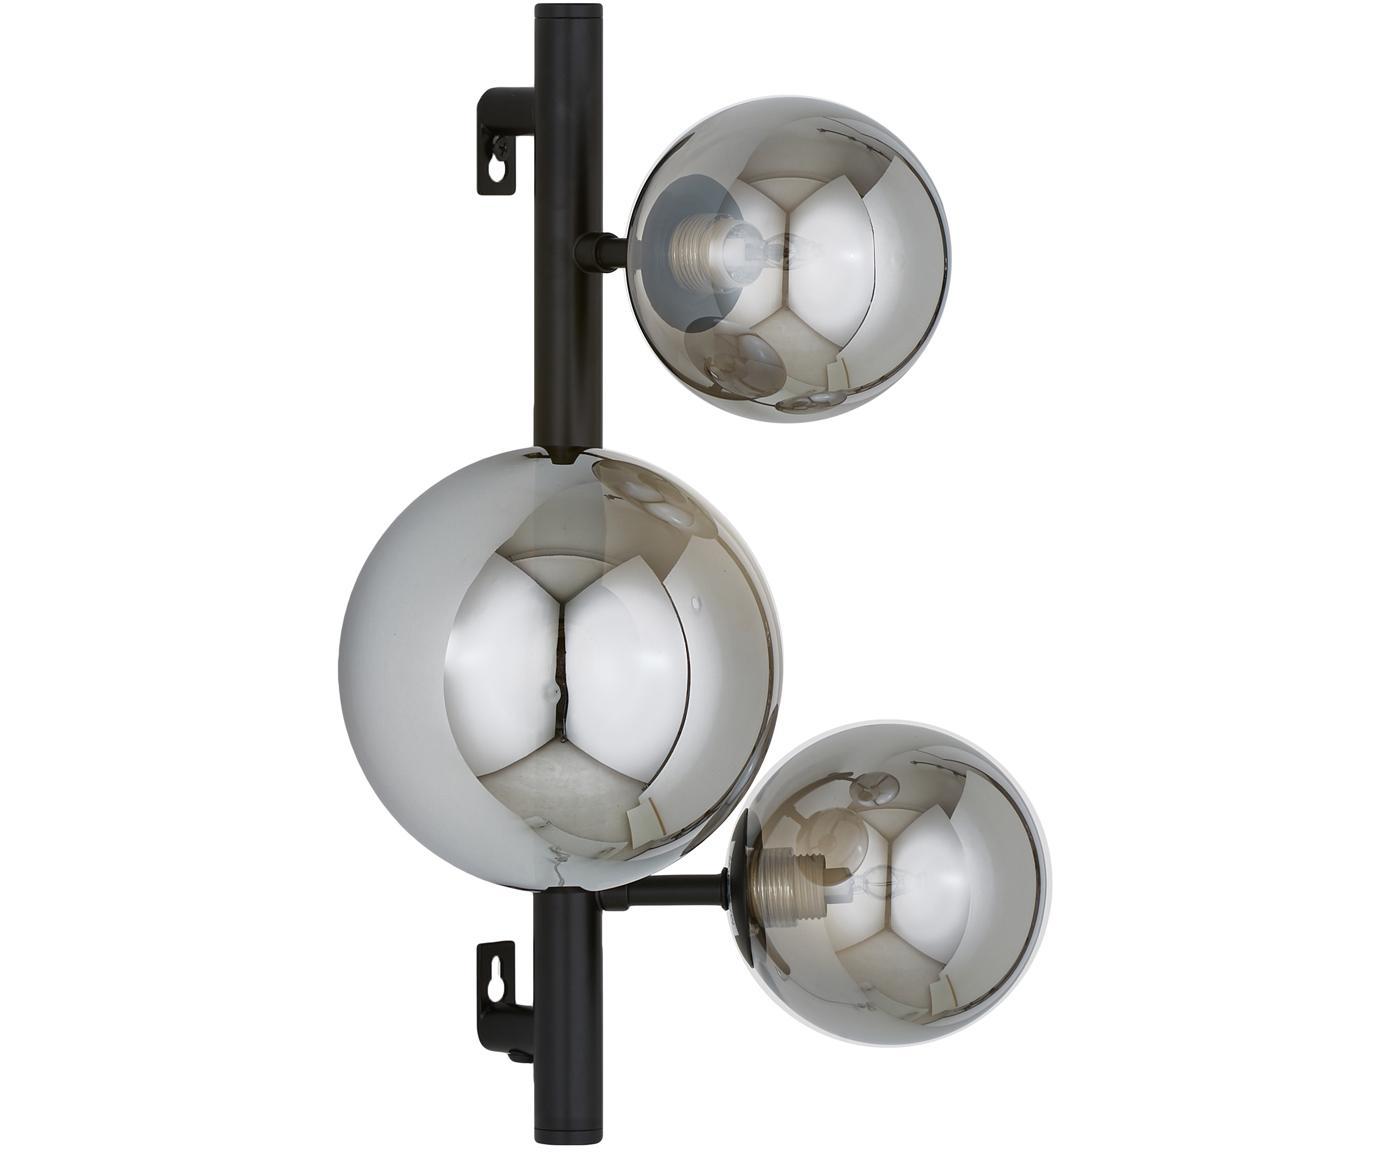 Wandlamp Molekyl met stekker, Zwart, grijs, 28 x 36 cm